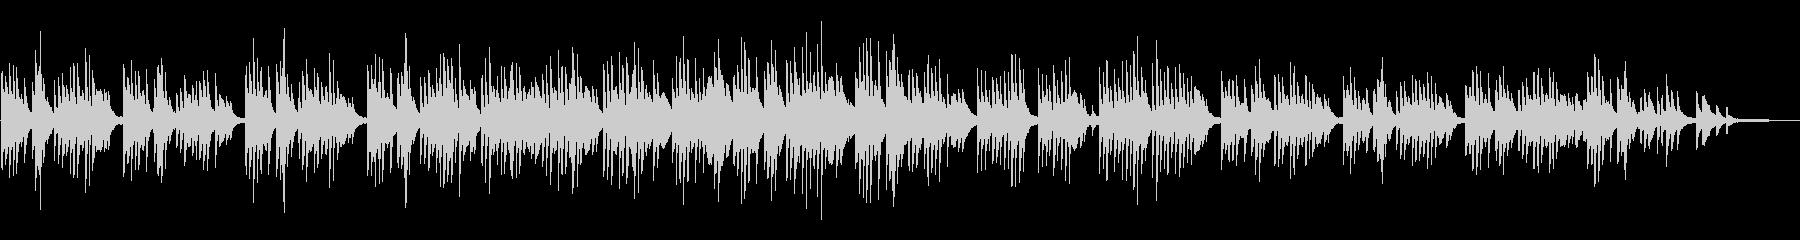 少し和・アジア感なソロピアノのバラードの未再生の波形